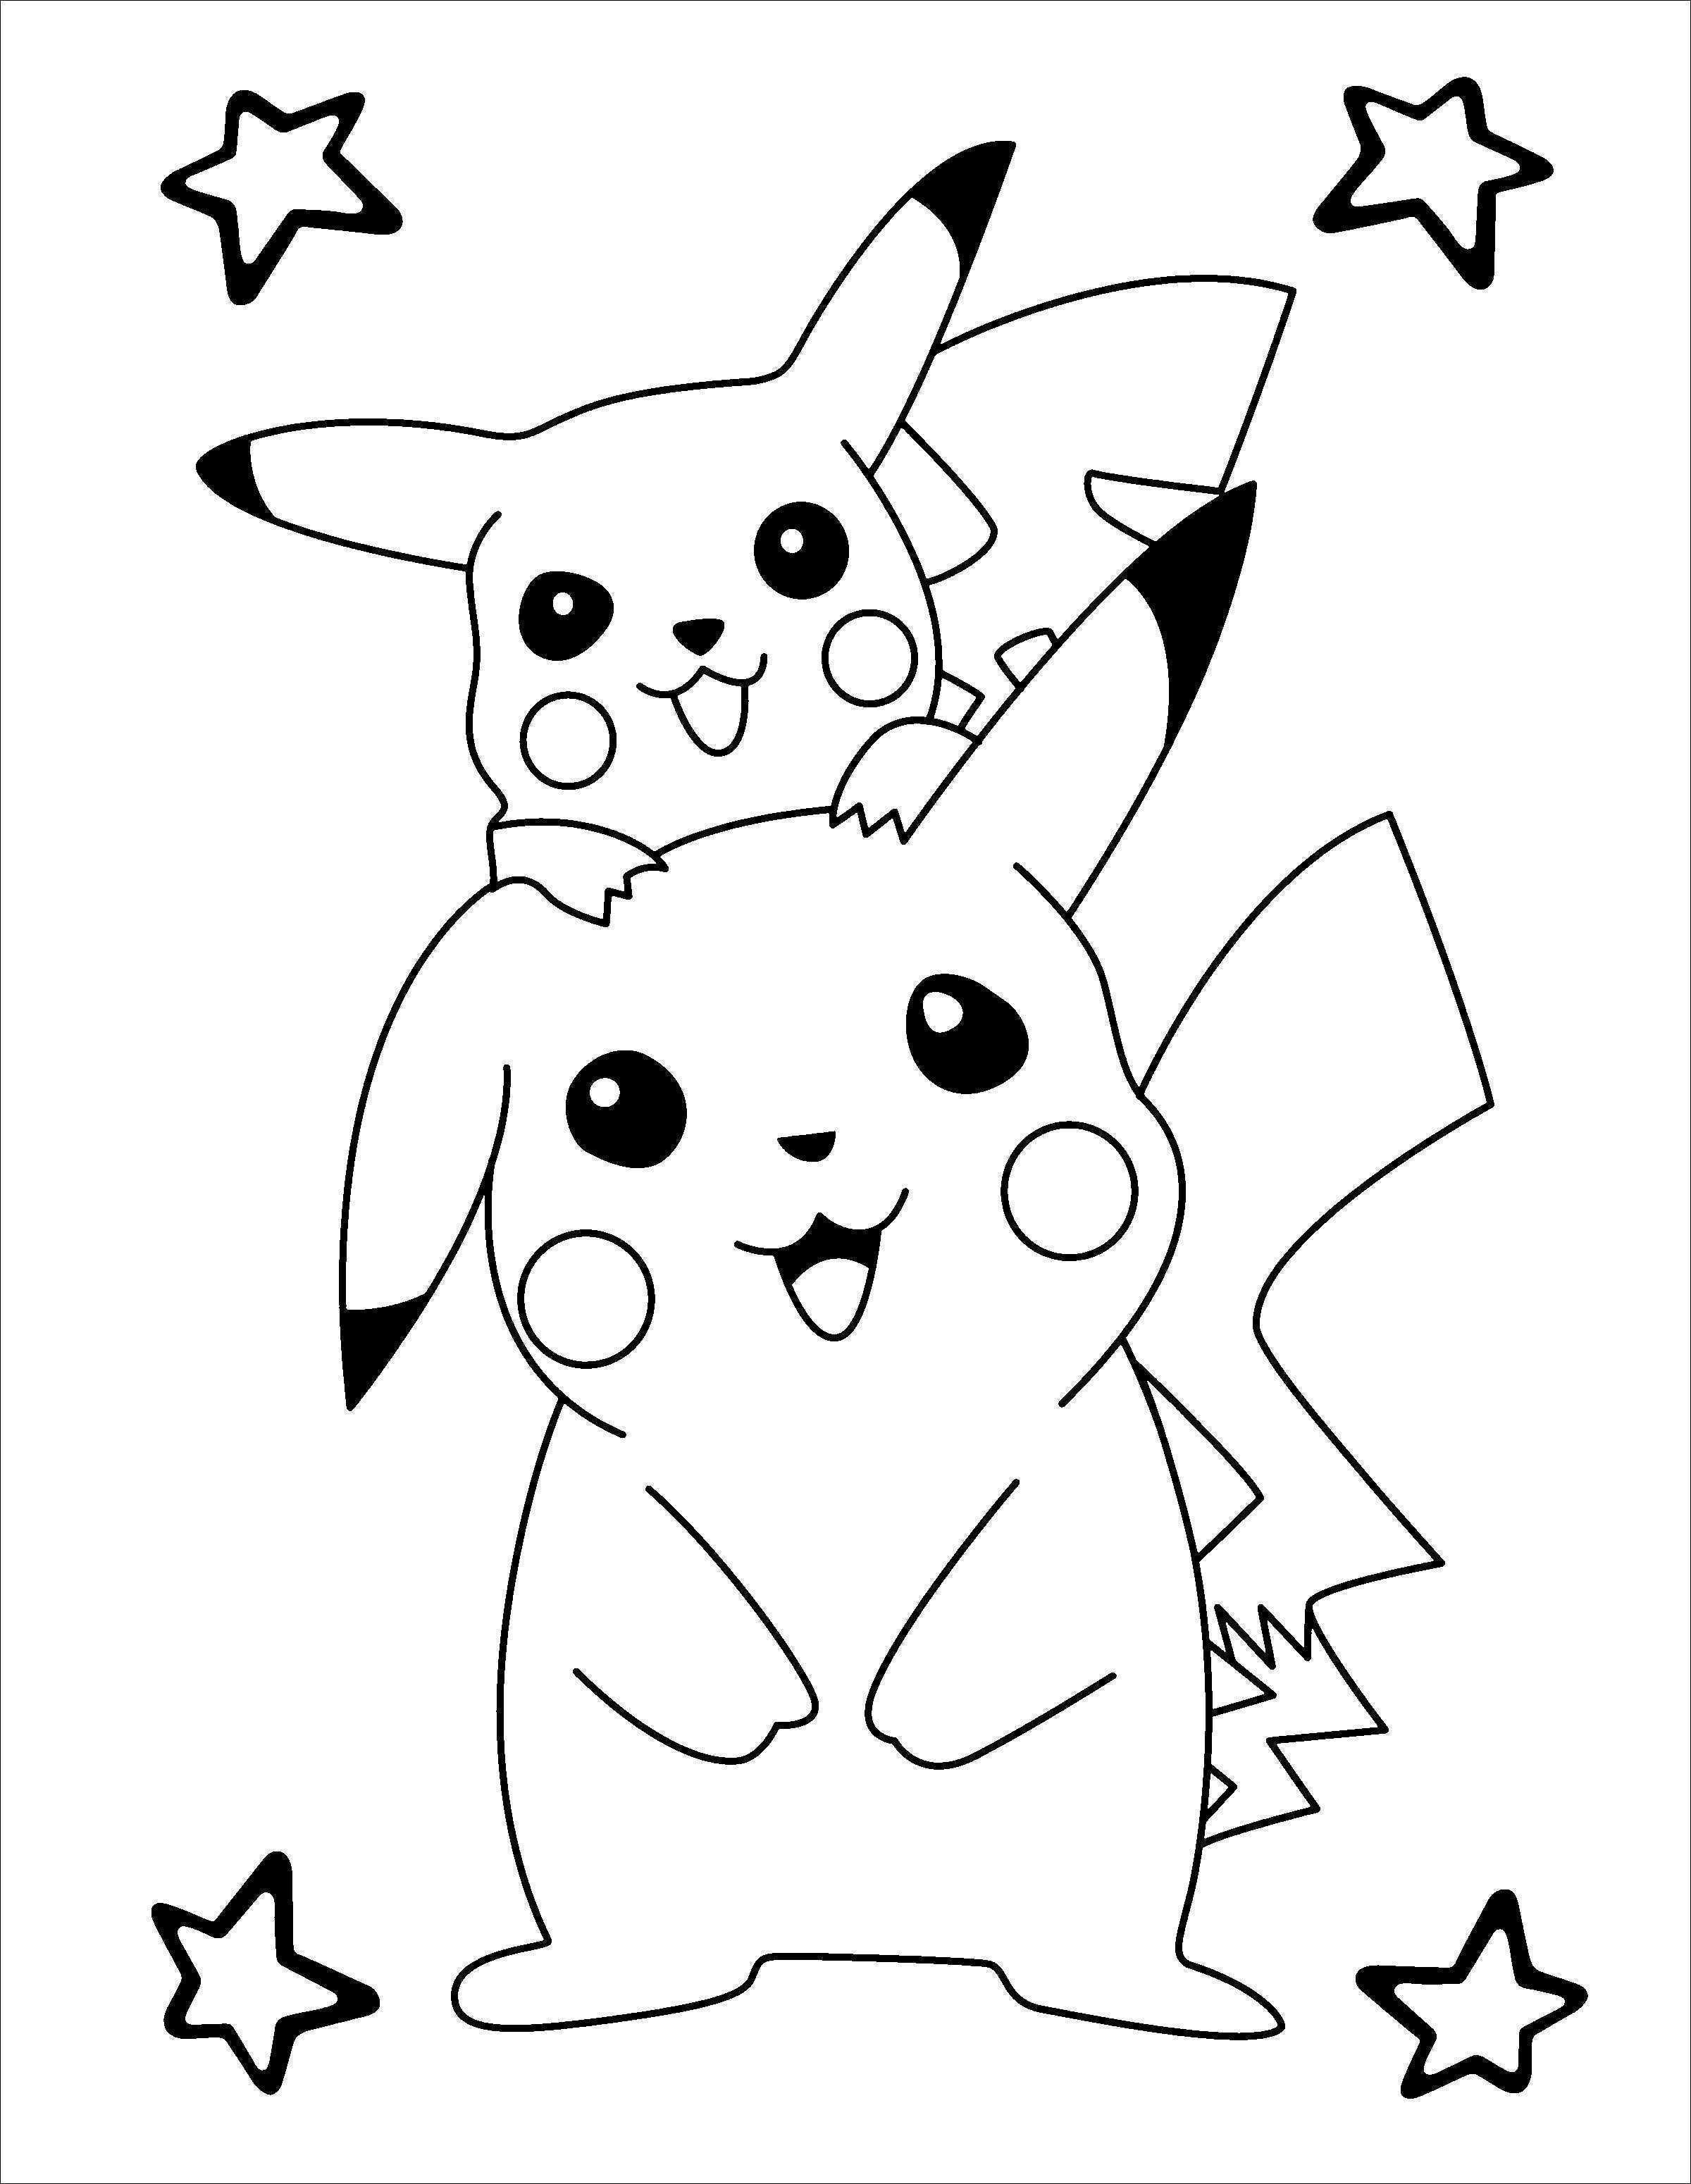 Kostenlose Ausmalbilder Pokemon Inspirierend Ausmalbilder Pokemon Mond Ideen Kostenlose Ausmalbilder Verschiedene Fotos